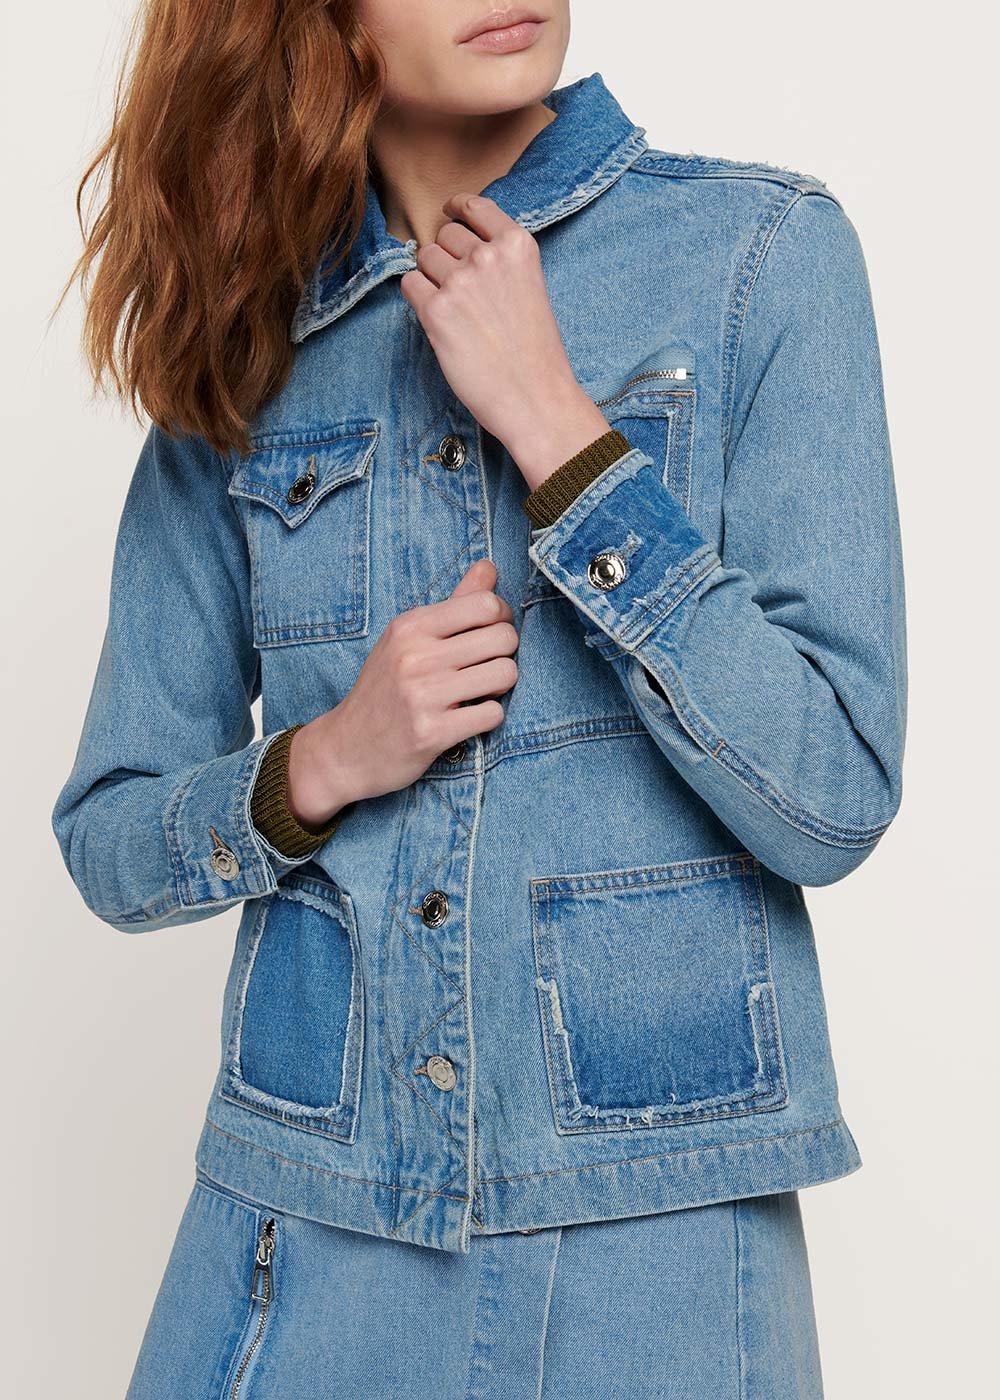 Gyl denim jacket with double pockets